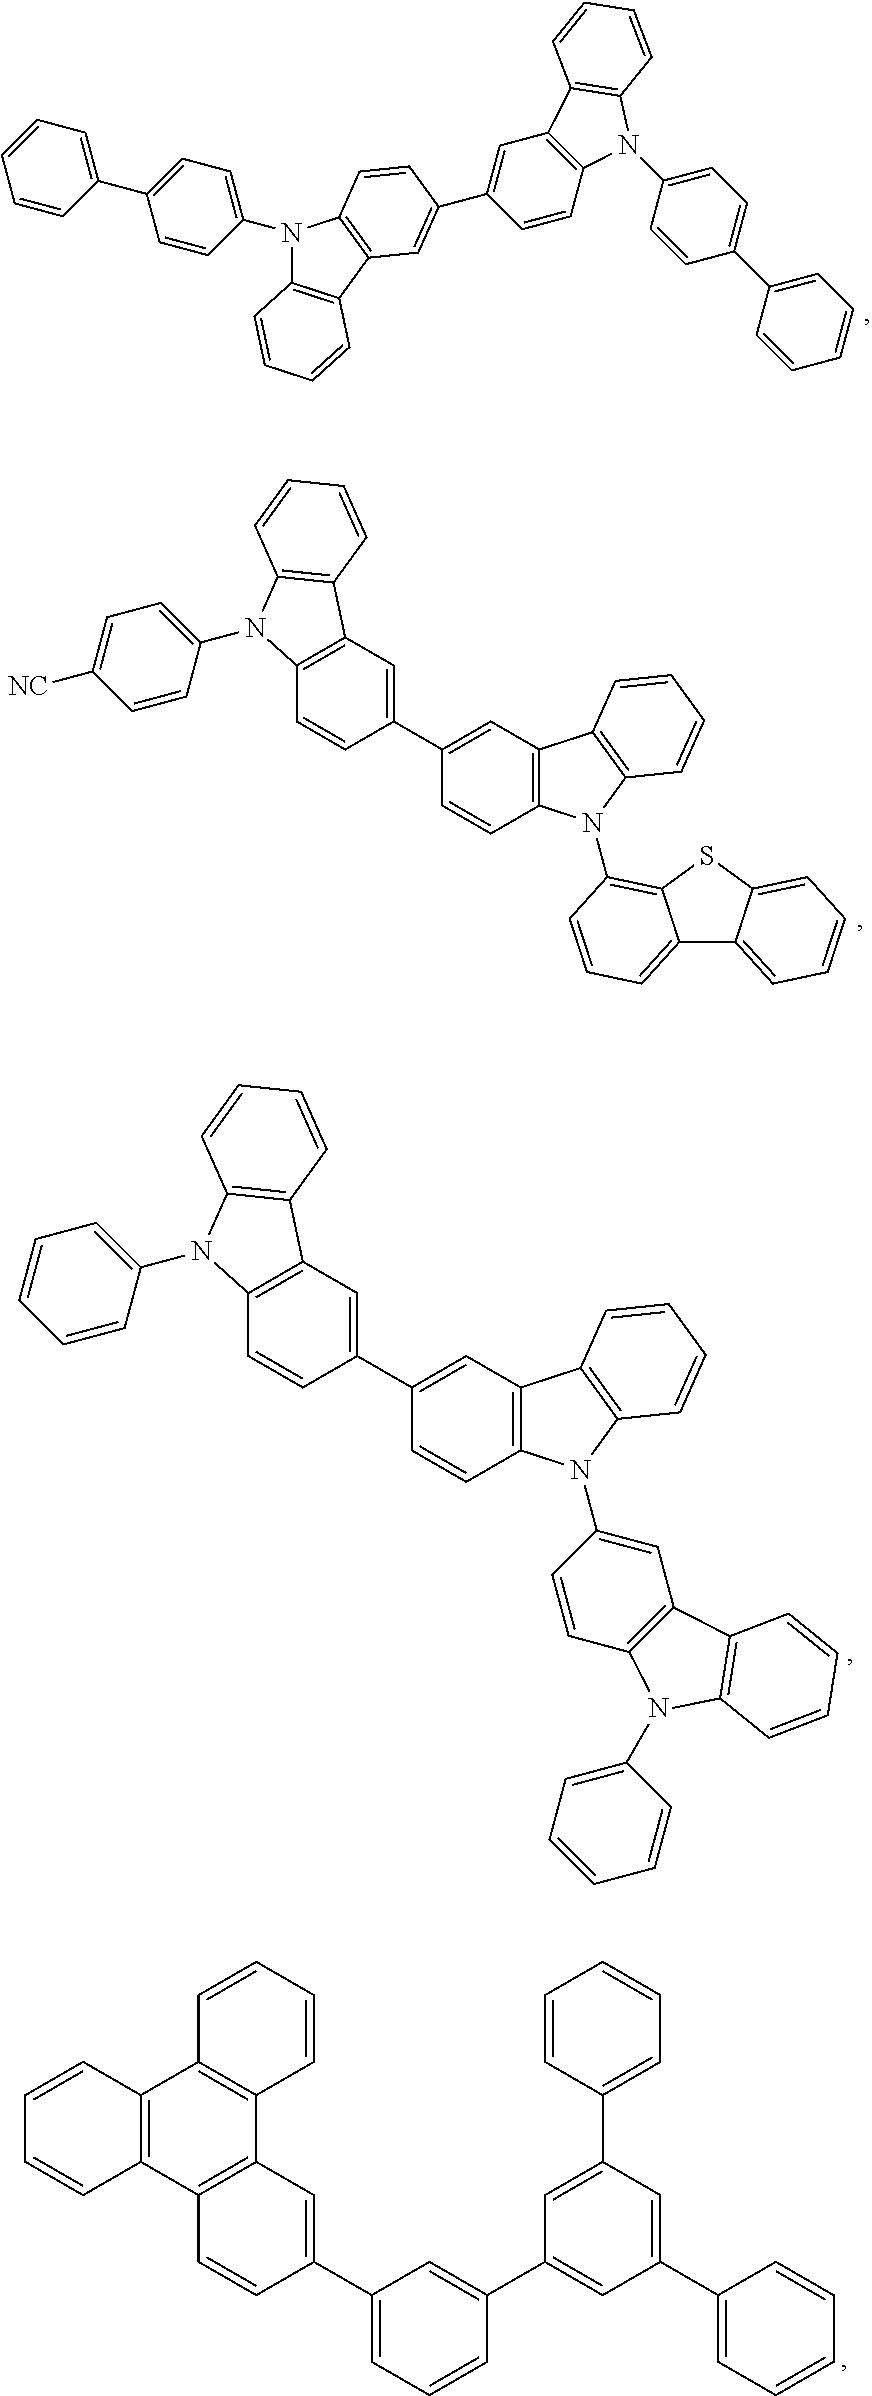 Figure US09871214-20180116-C00062